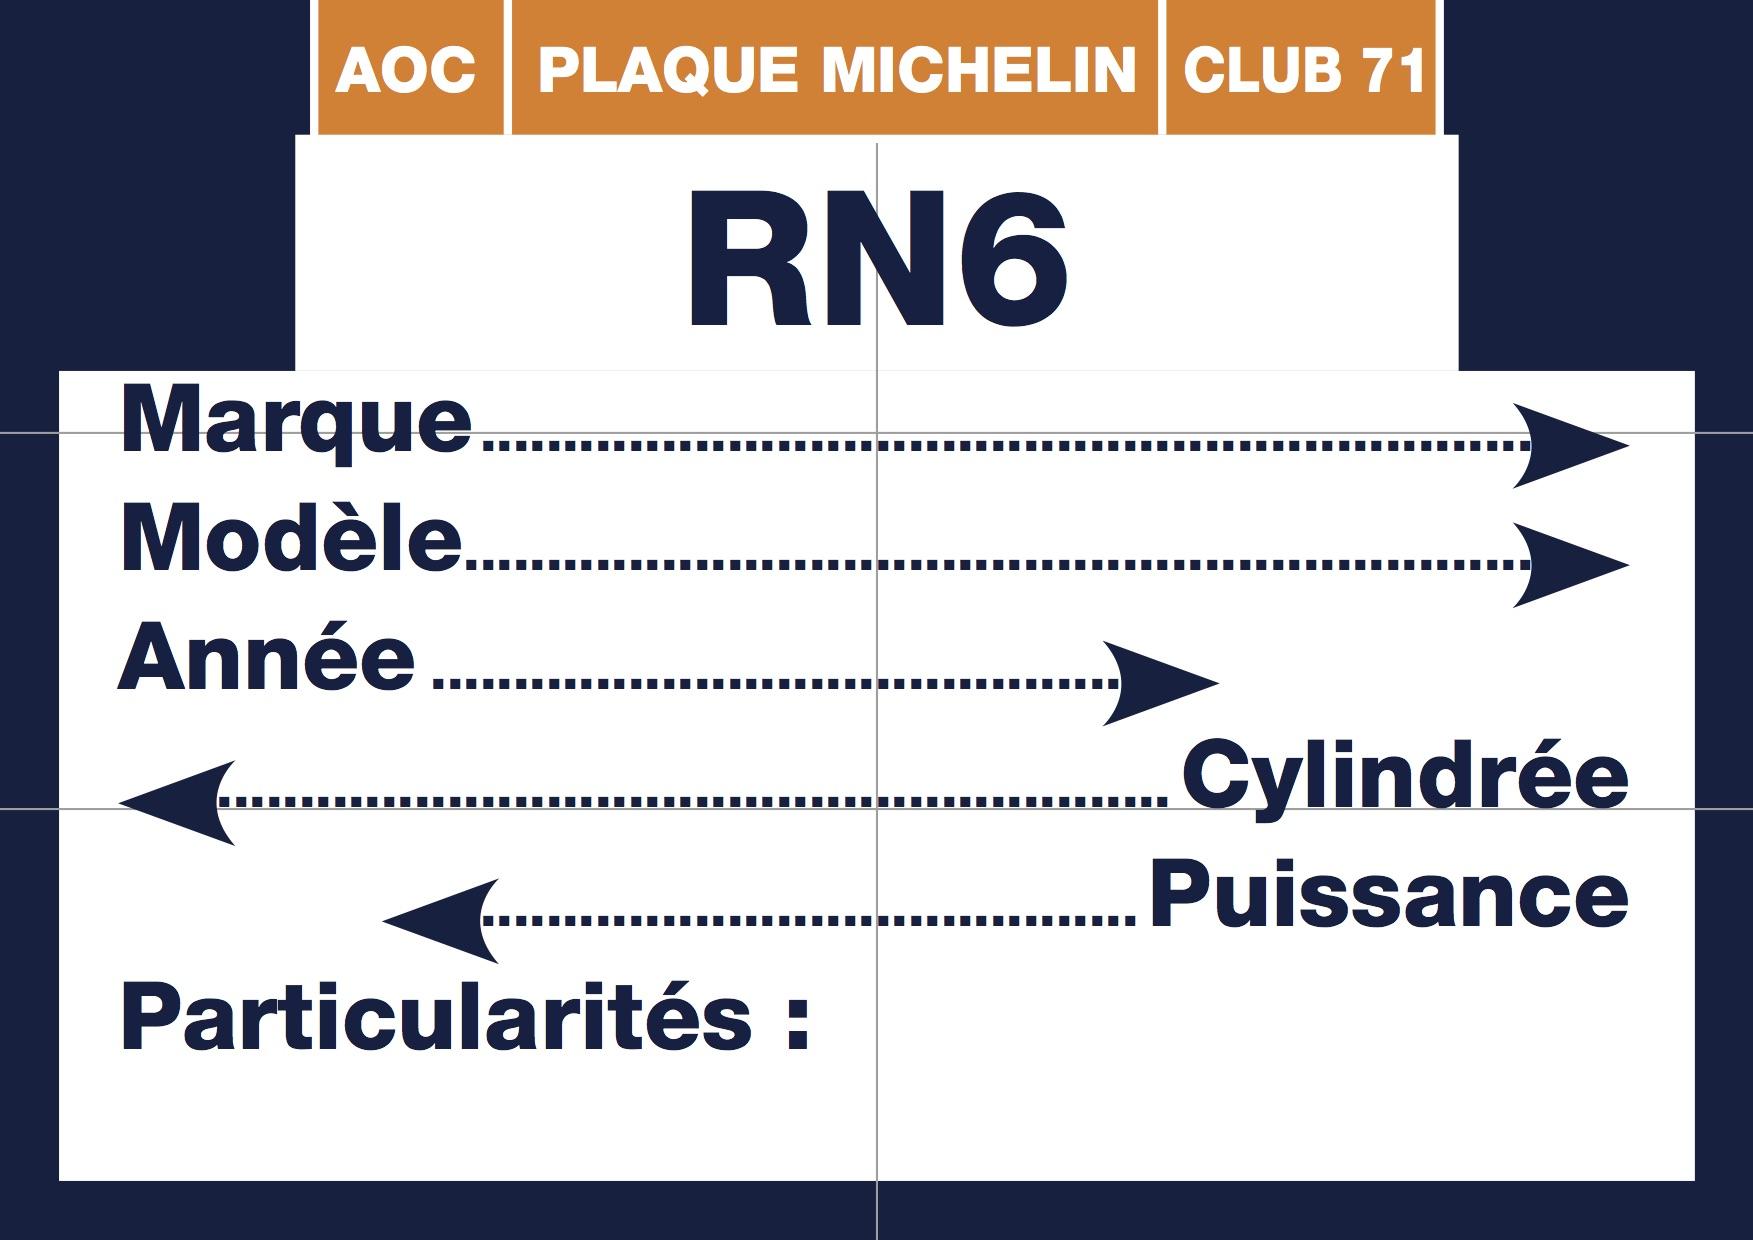 Plaque-Michelin RN6 1